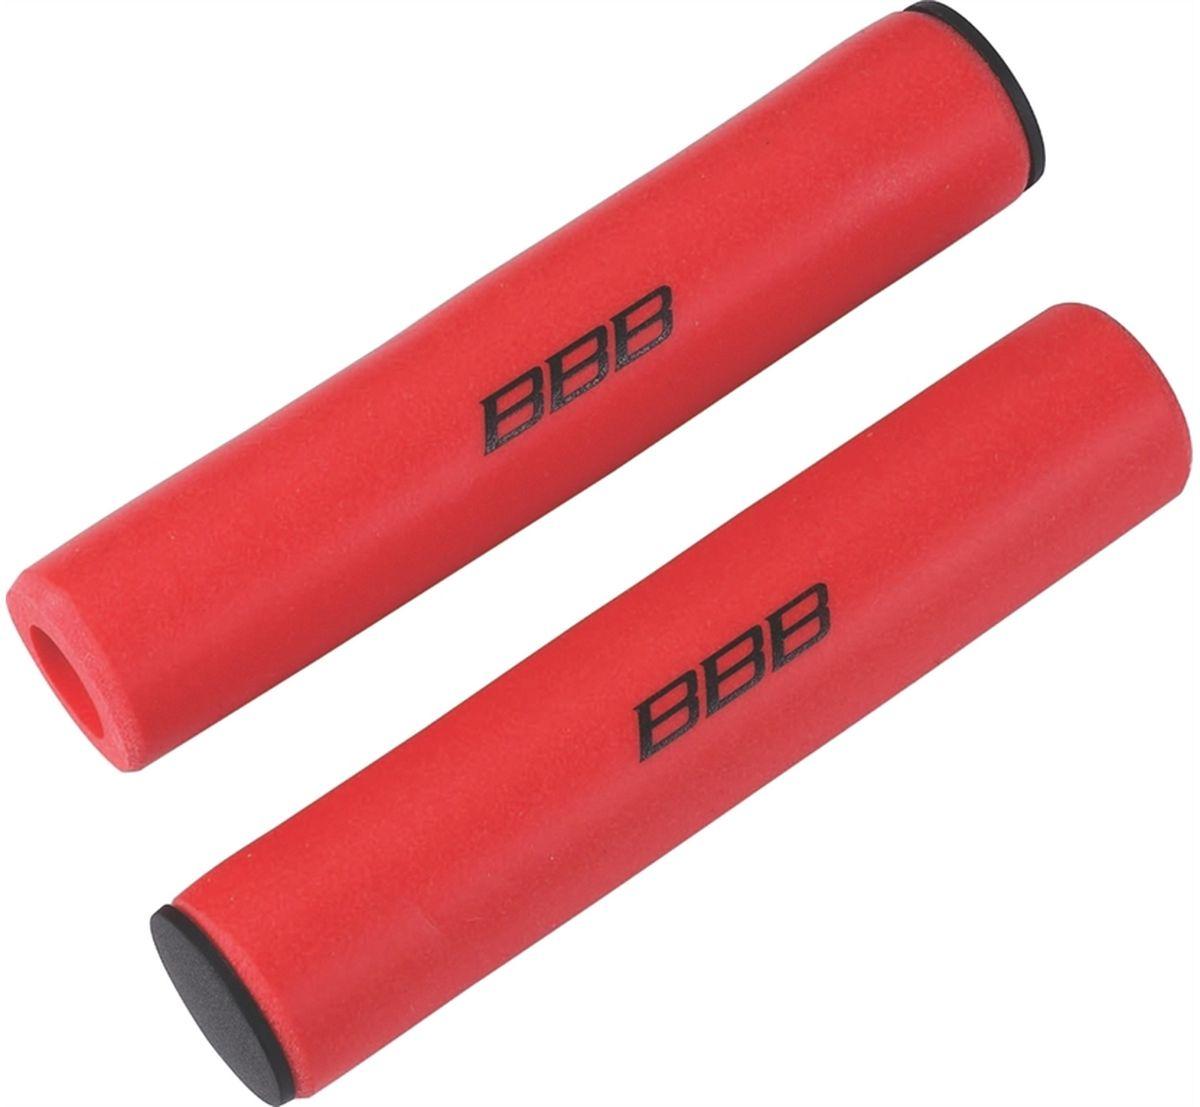 Грипсы BBB Sticky, цвет: красный, 13 см, 2 шт. BHG-34BHG-34Легкие и комфортные грипсы BBB Sticky имеют вибро- и ударопоглощающими свойства. Они предназначены для более удобного управления велосипедом. Силиконовое покрытие обеспечивает прекрасное сцепление с перчатками.Заглушки руля в комплекте.Длина грипс: 13 см.Вес: 49 г.